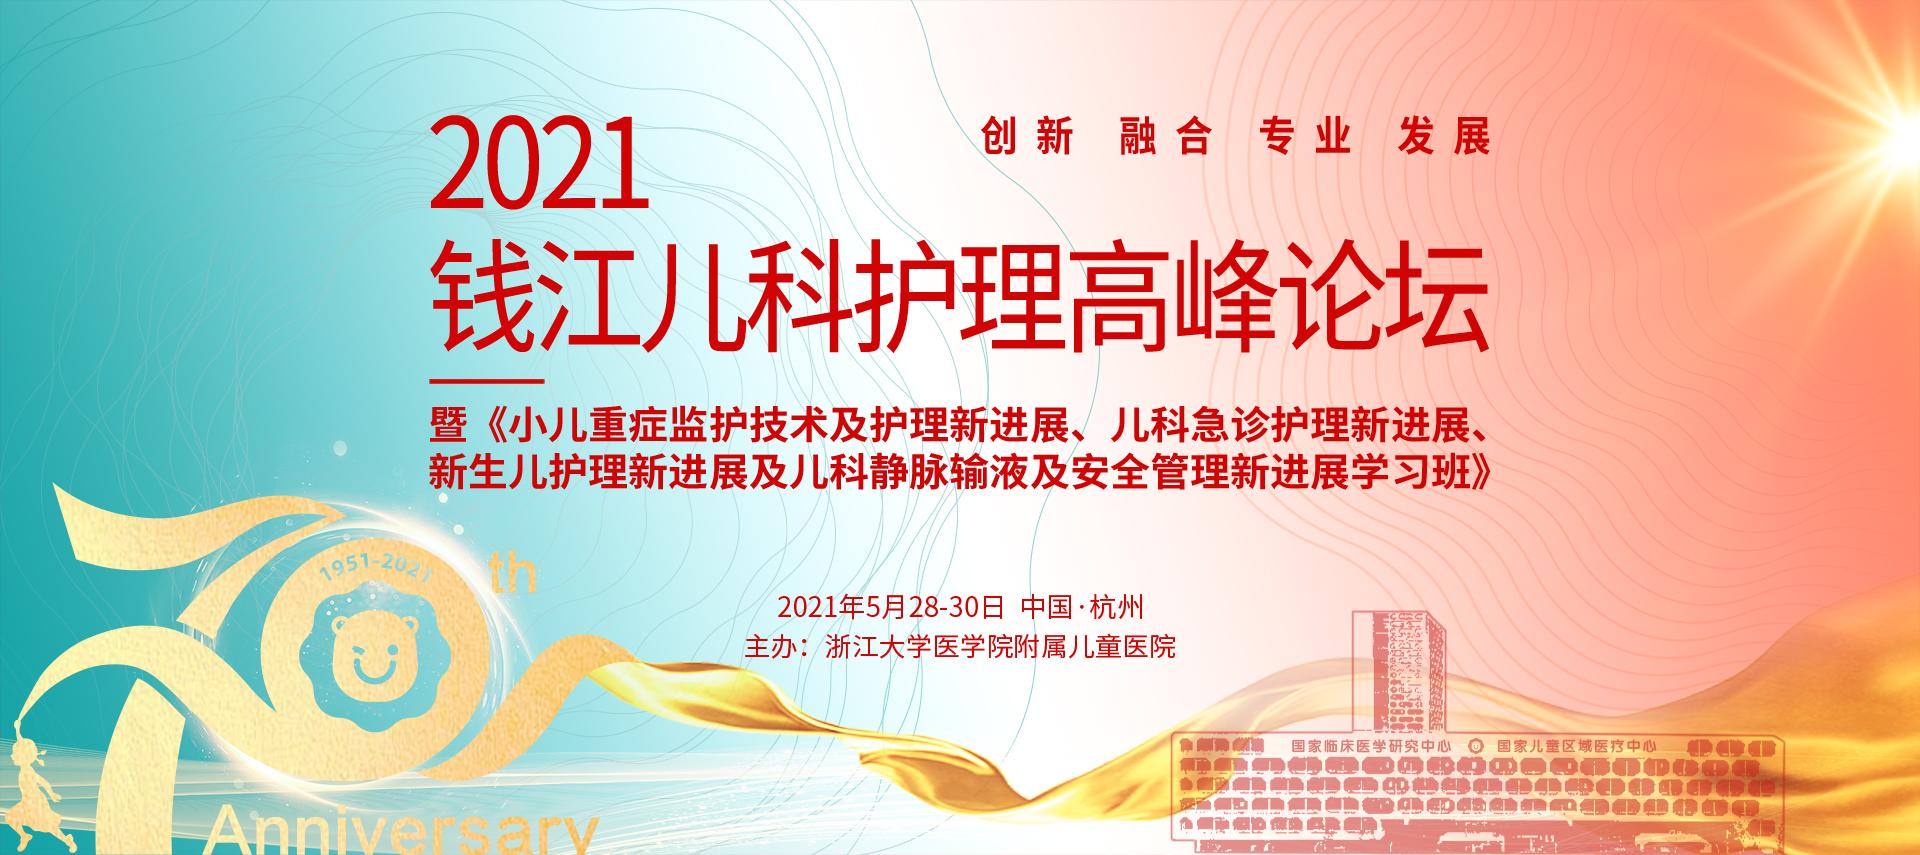 2021钱江小儿护理高峰论坛